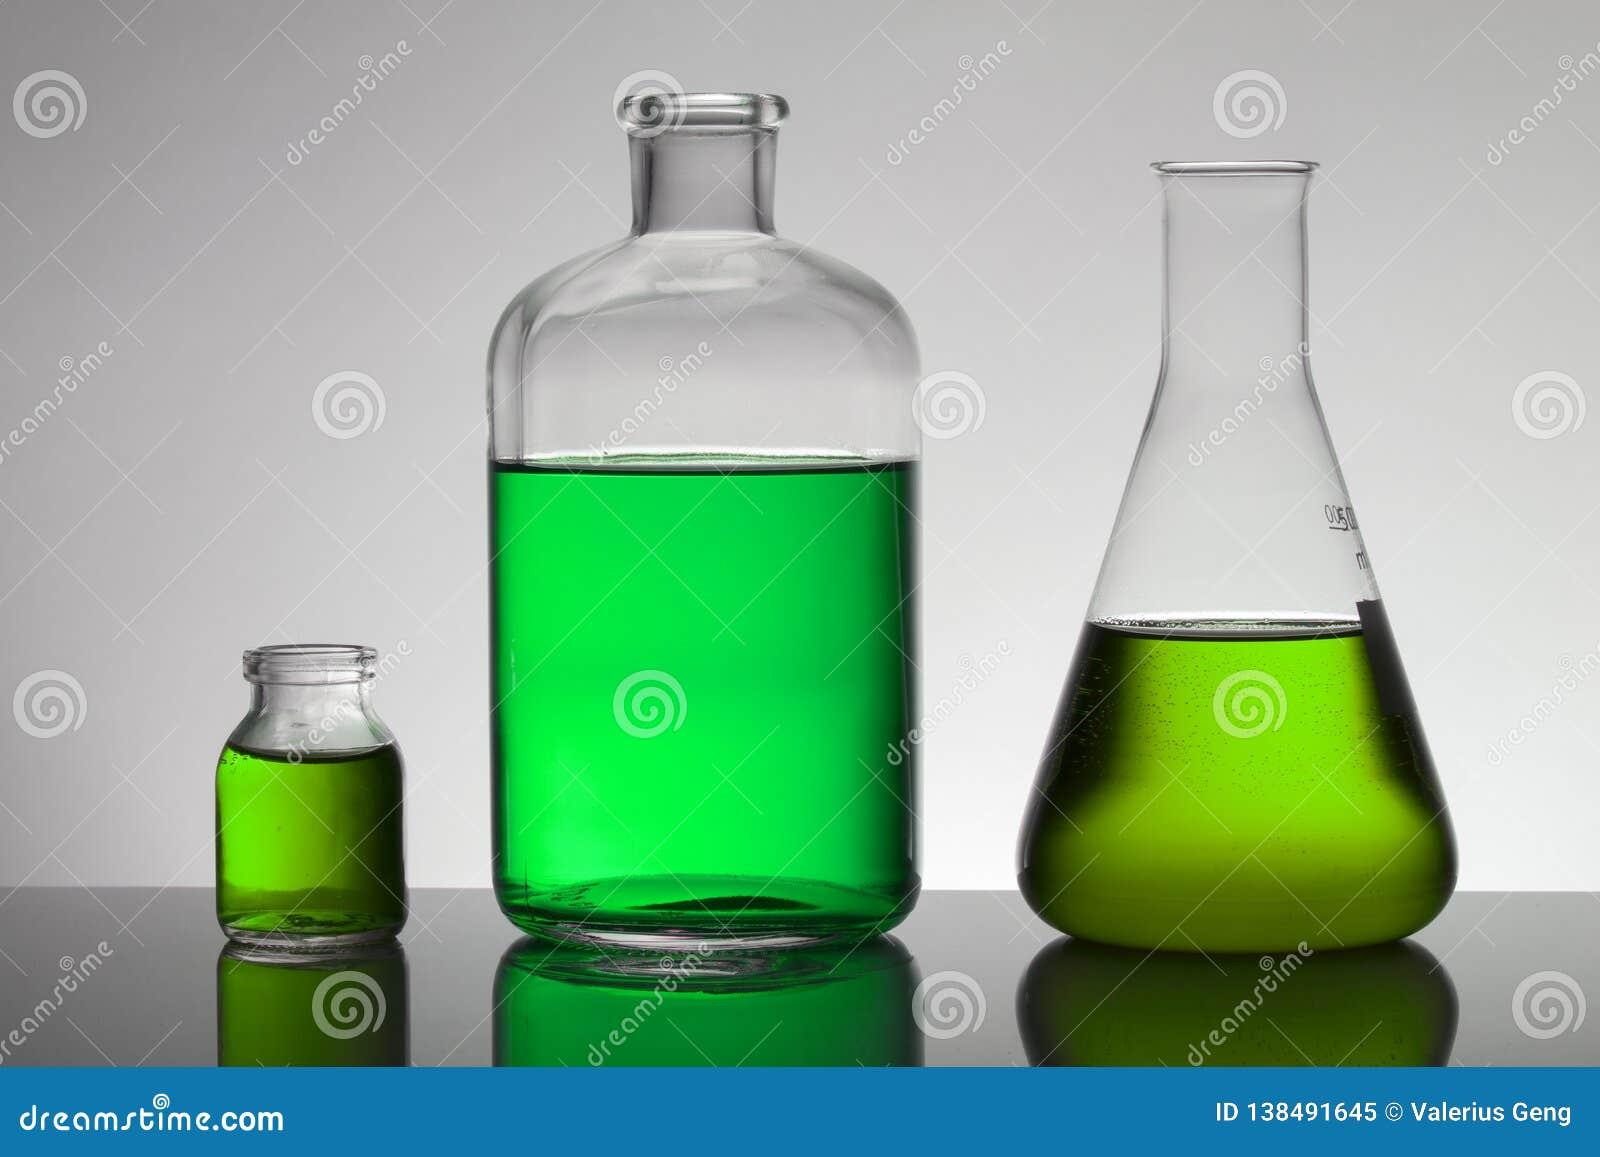 Liquide dans des bouteilles de laboratoire Laboratoire biochimique scientifique Liquide coloré